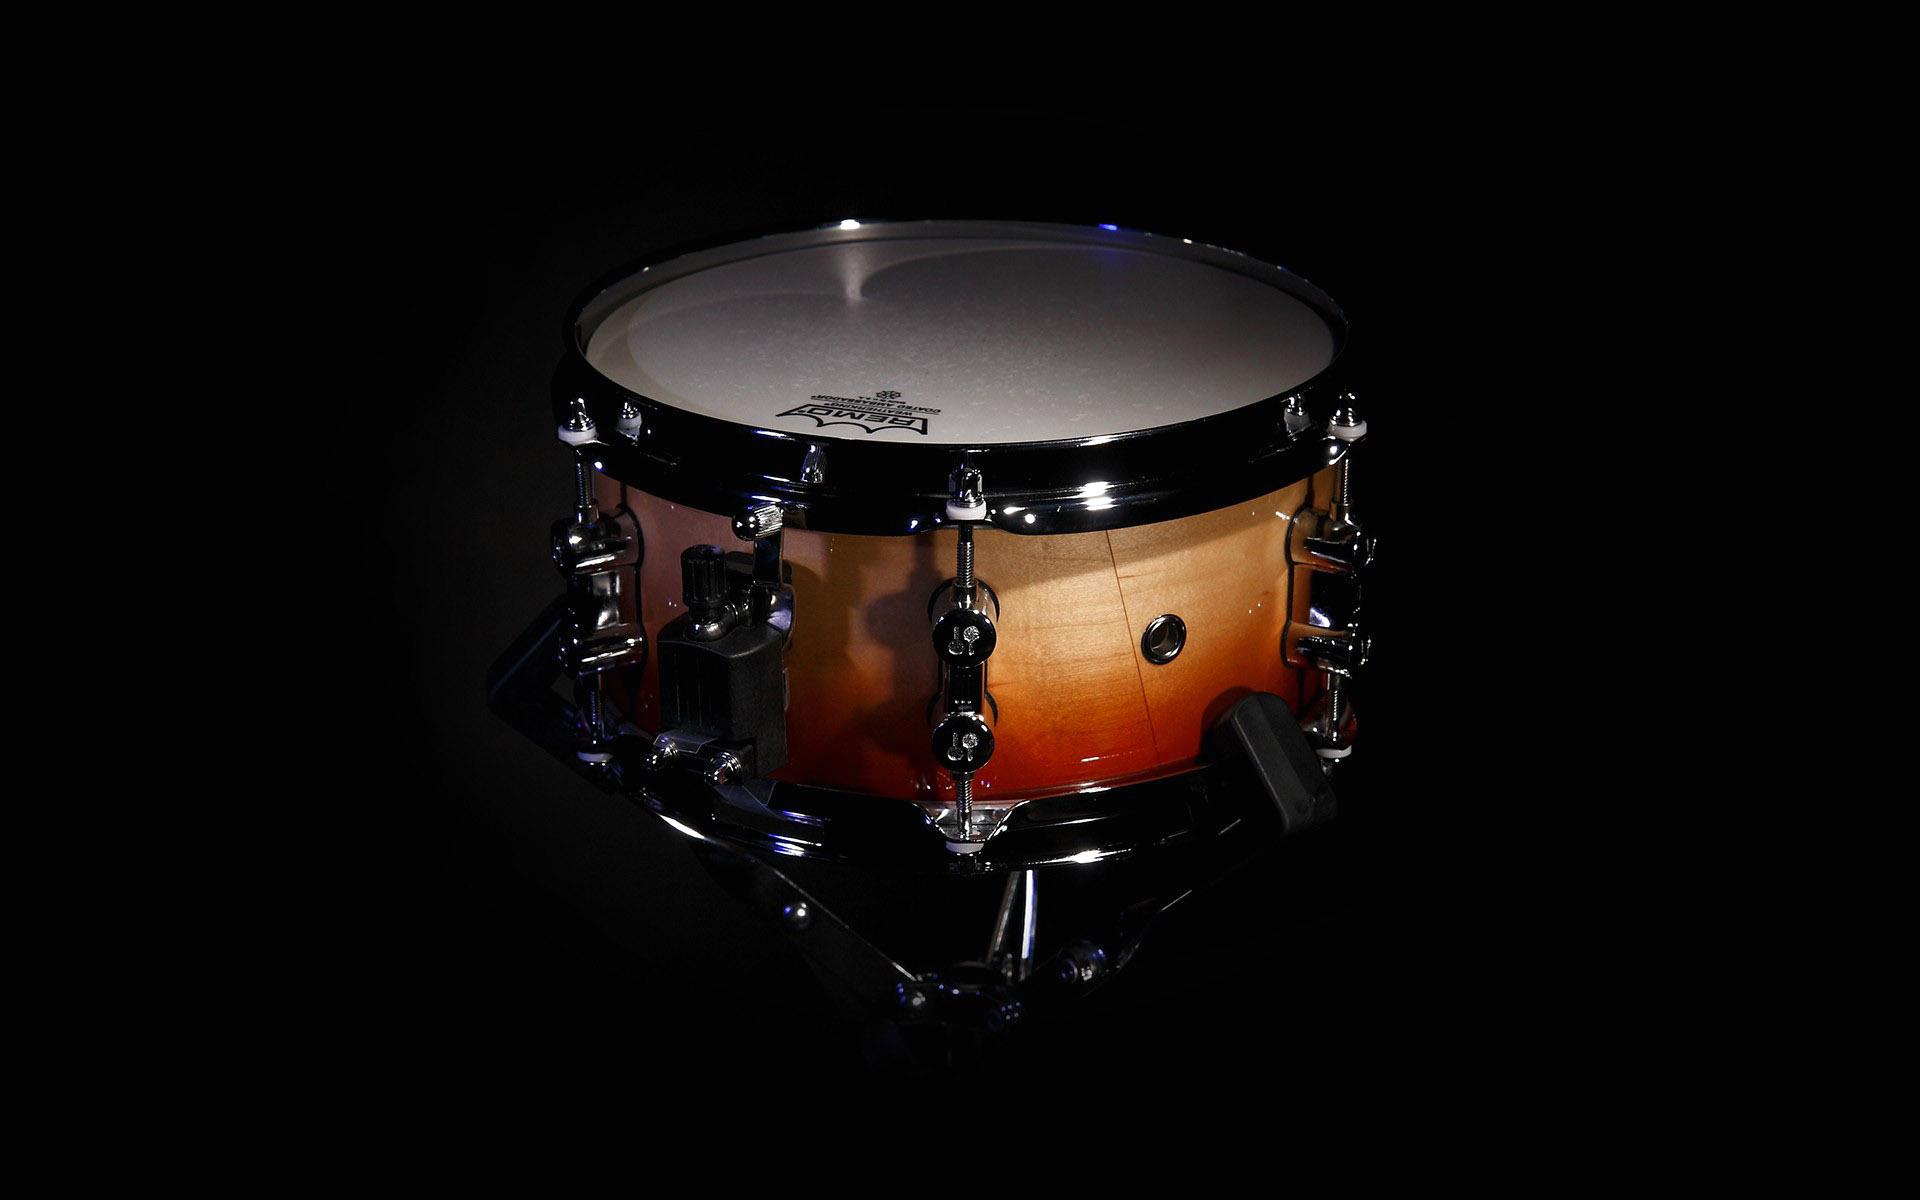 можно сделать красивые картинки с барабанами женщина всегда